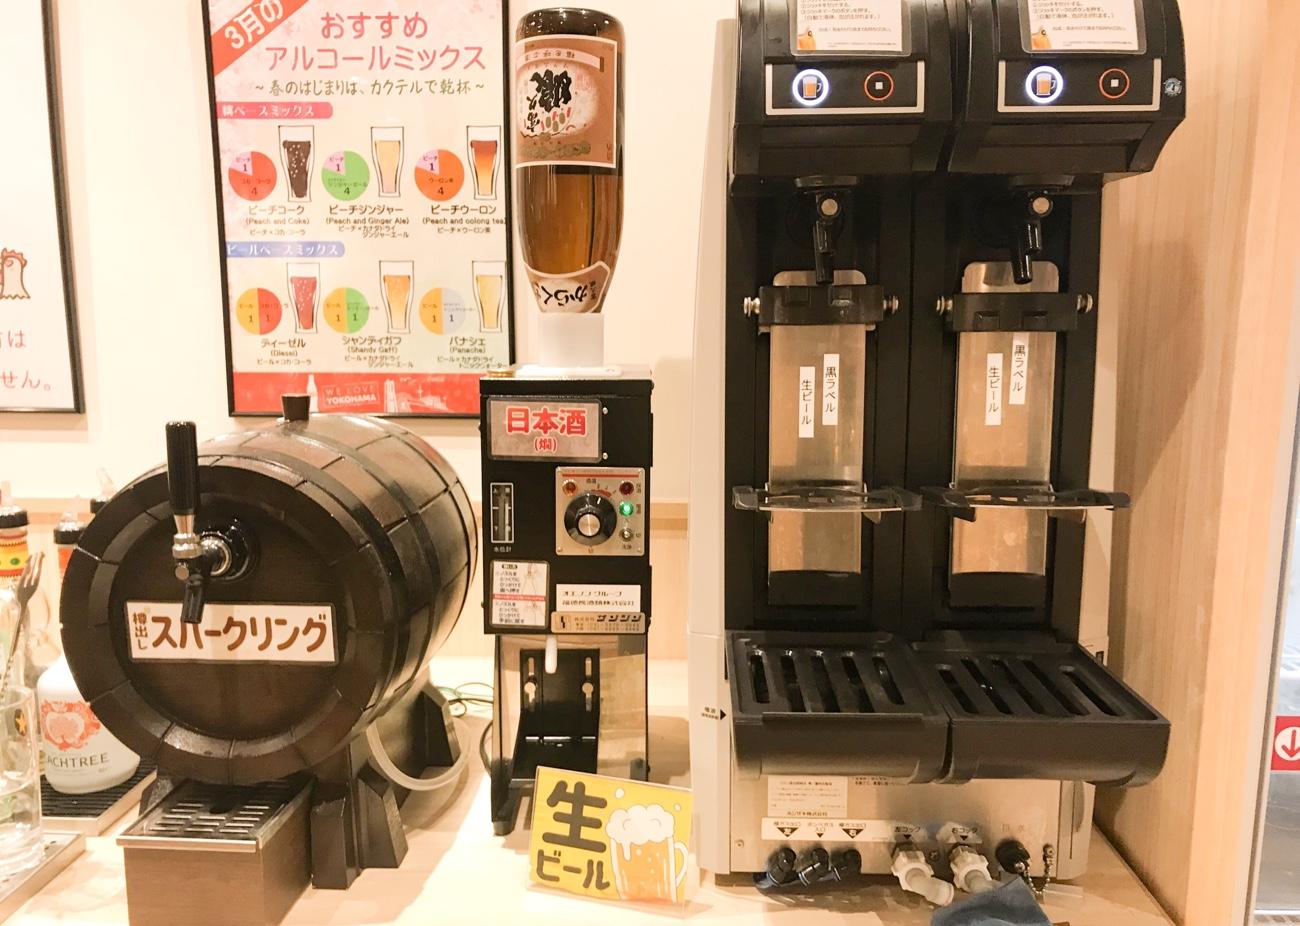 飲み放題の生ビールサーバー しゃぶしゃぶドレミ横浜西口店